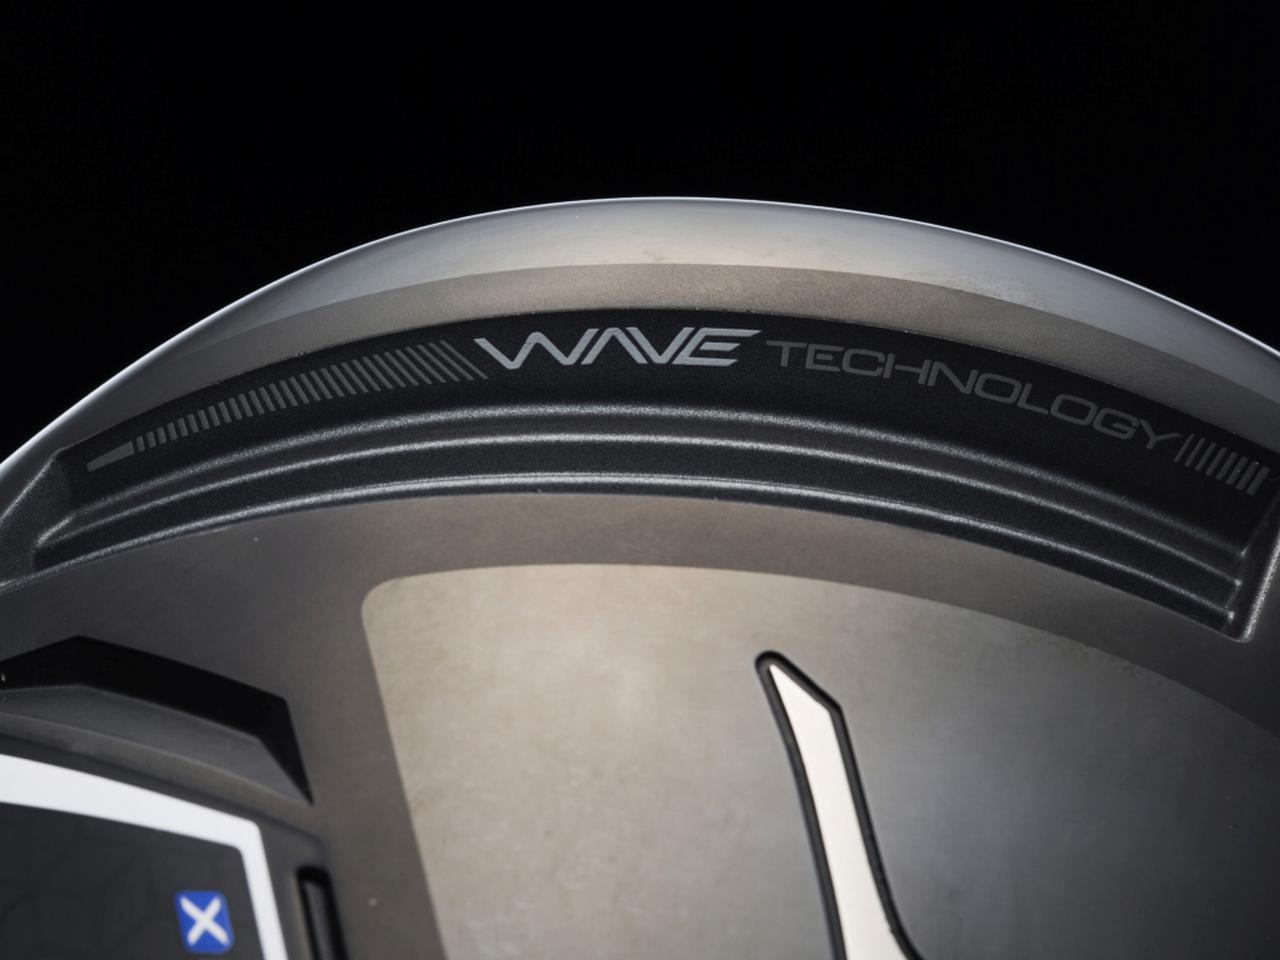 画像2: 世界基準の低スピンドライバー「ST200」